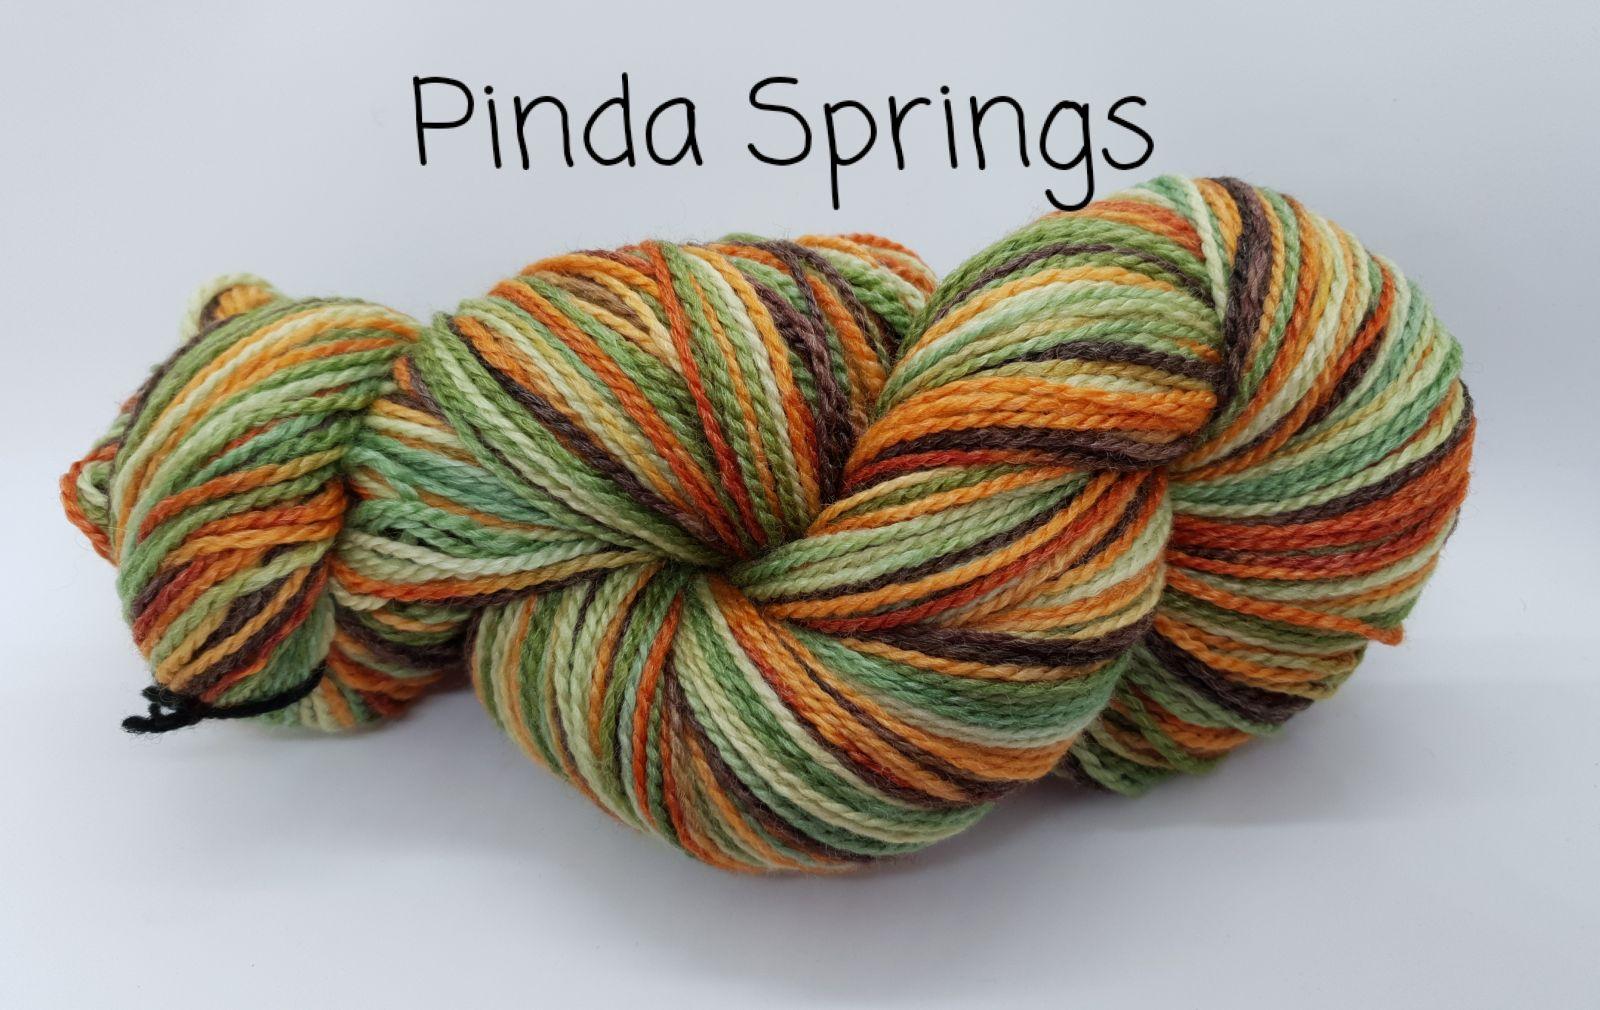 Pinda Springs Sock Yarn